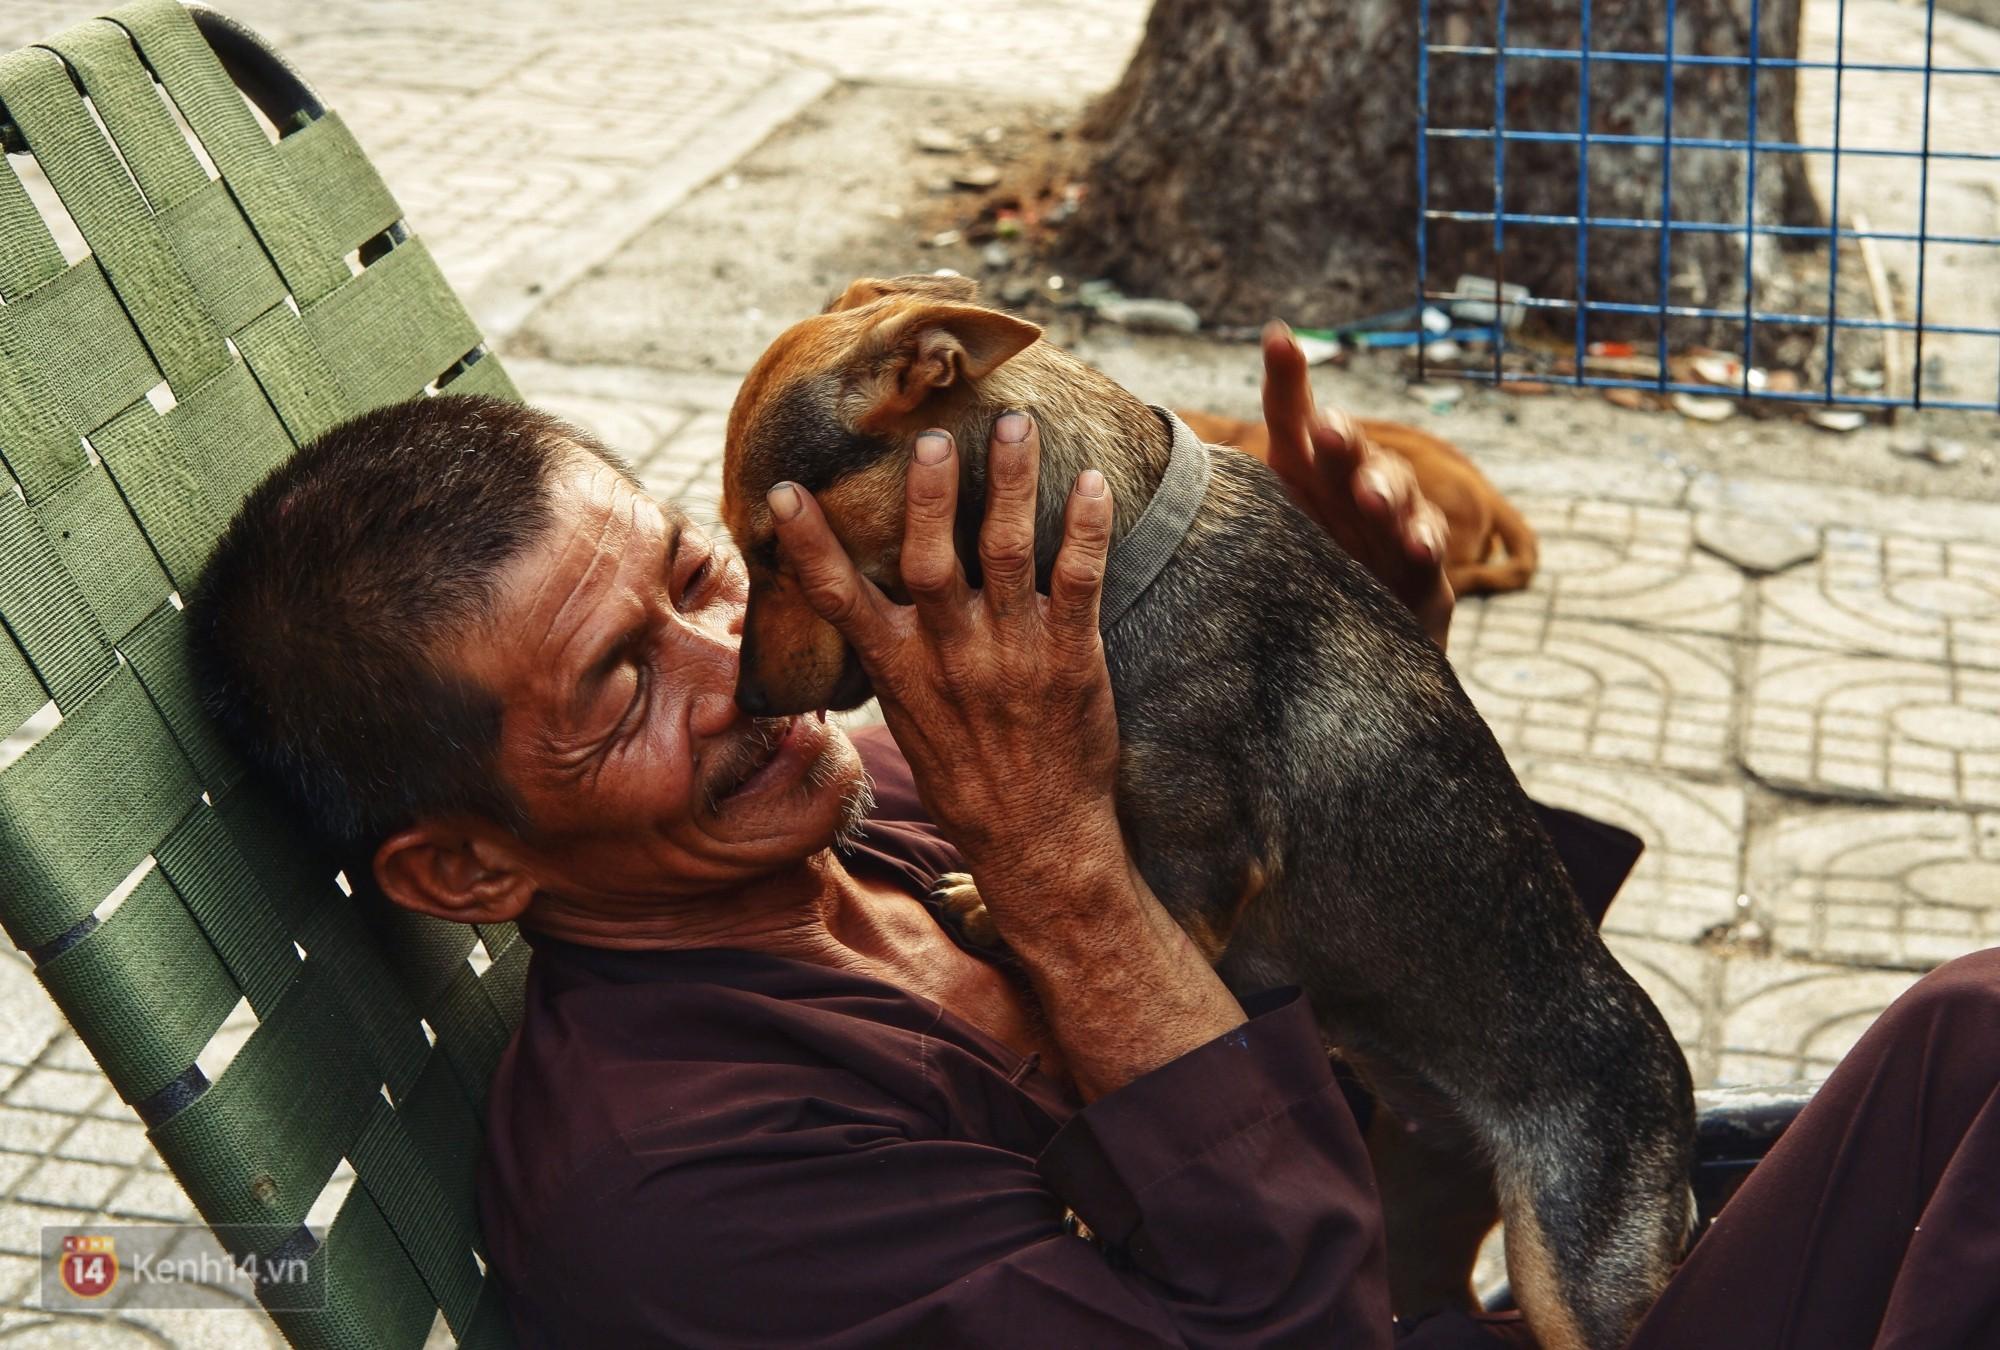 Tấm bảng Chó là bạn, không phải thứ ăn của người đàn ông 20 năm bầu bạn với những chú chó ngoài đường phố Sài Gòn - Ảnh 8.